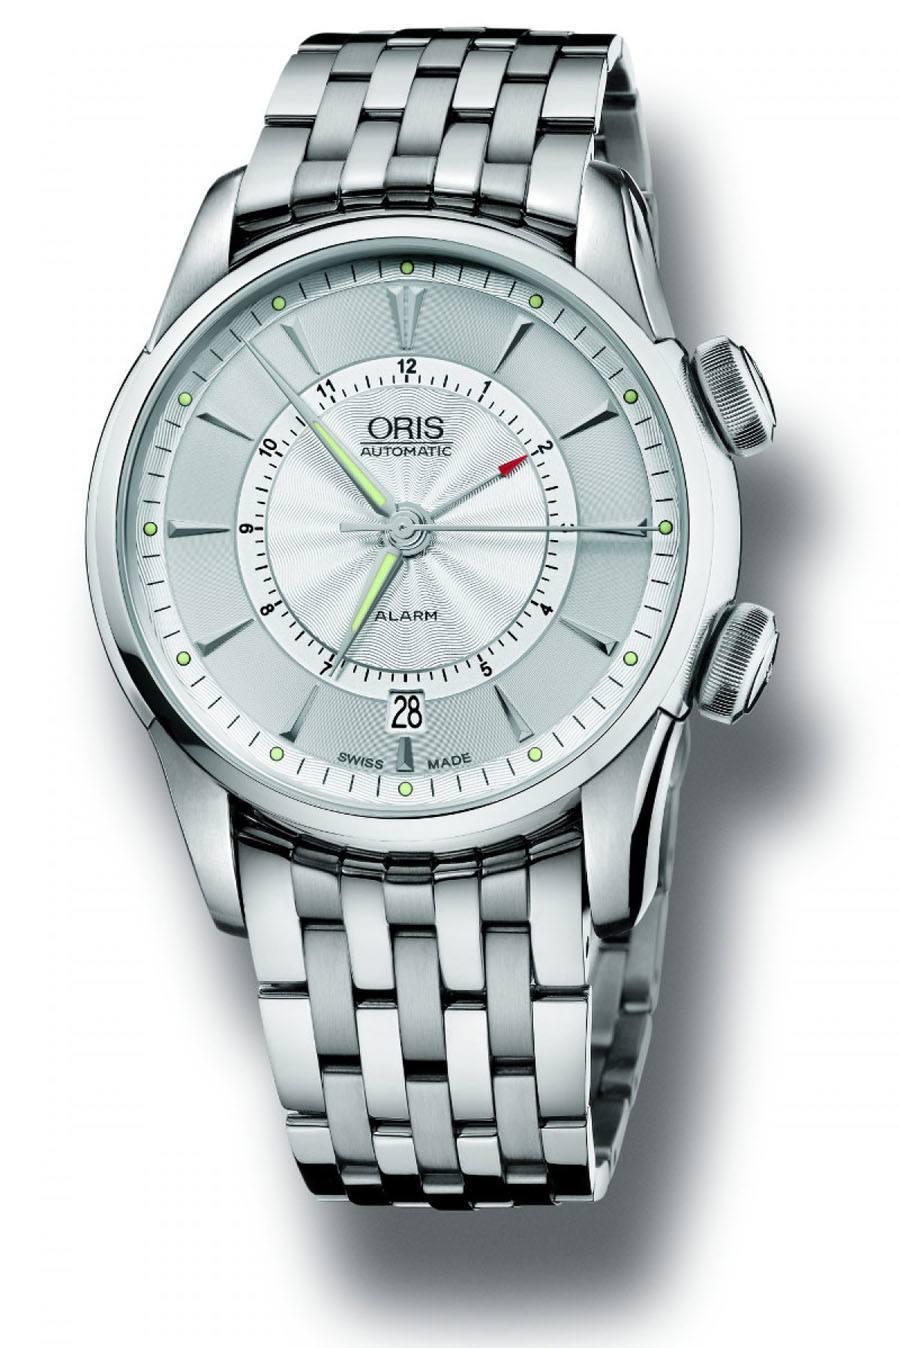 Diese Variante der Artelier Alarm von Oris ist mit dem La-Joux-Perret-Kaliber 5800 ausgestattet und kostet aktuell 5.350 Euro